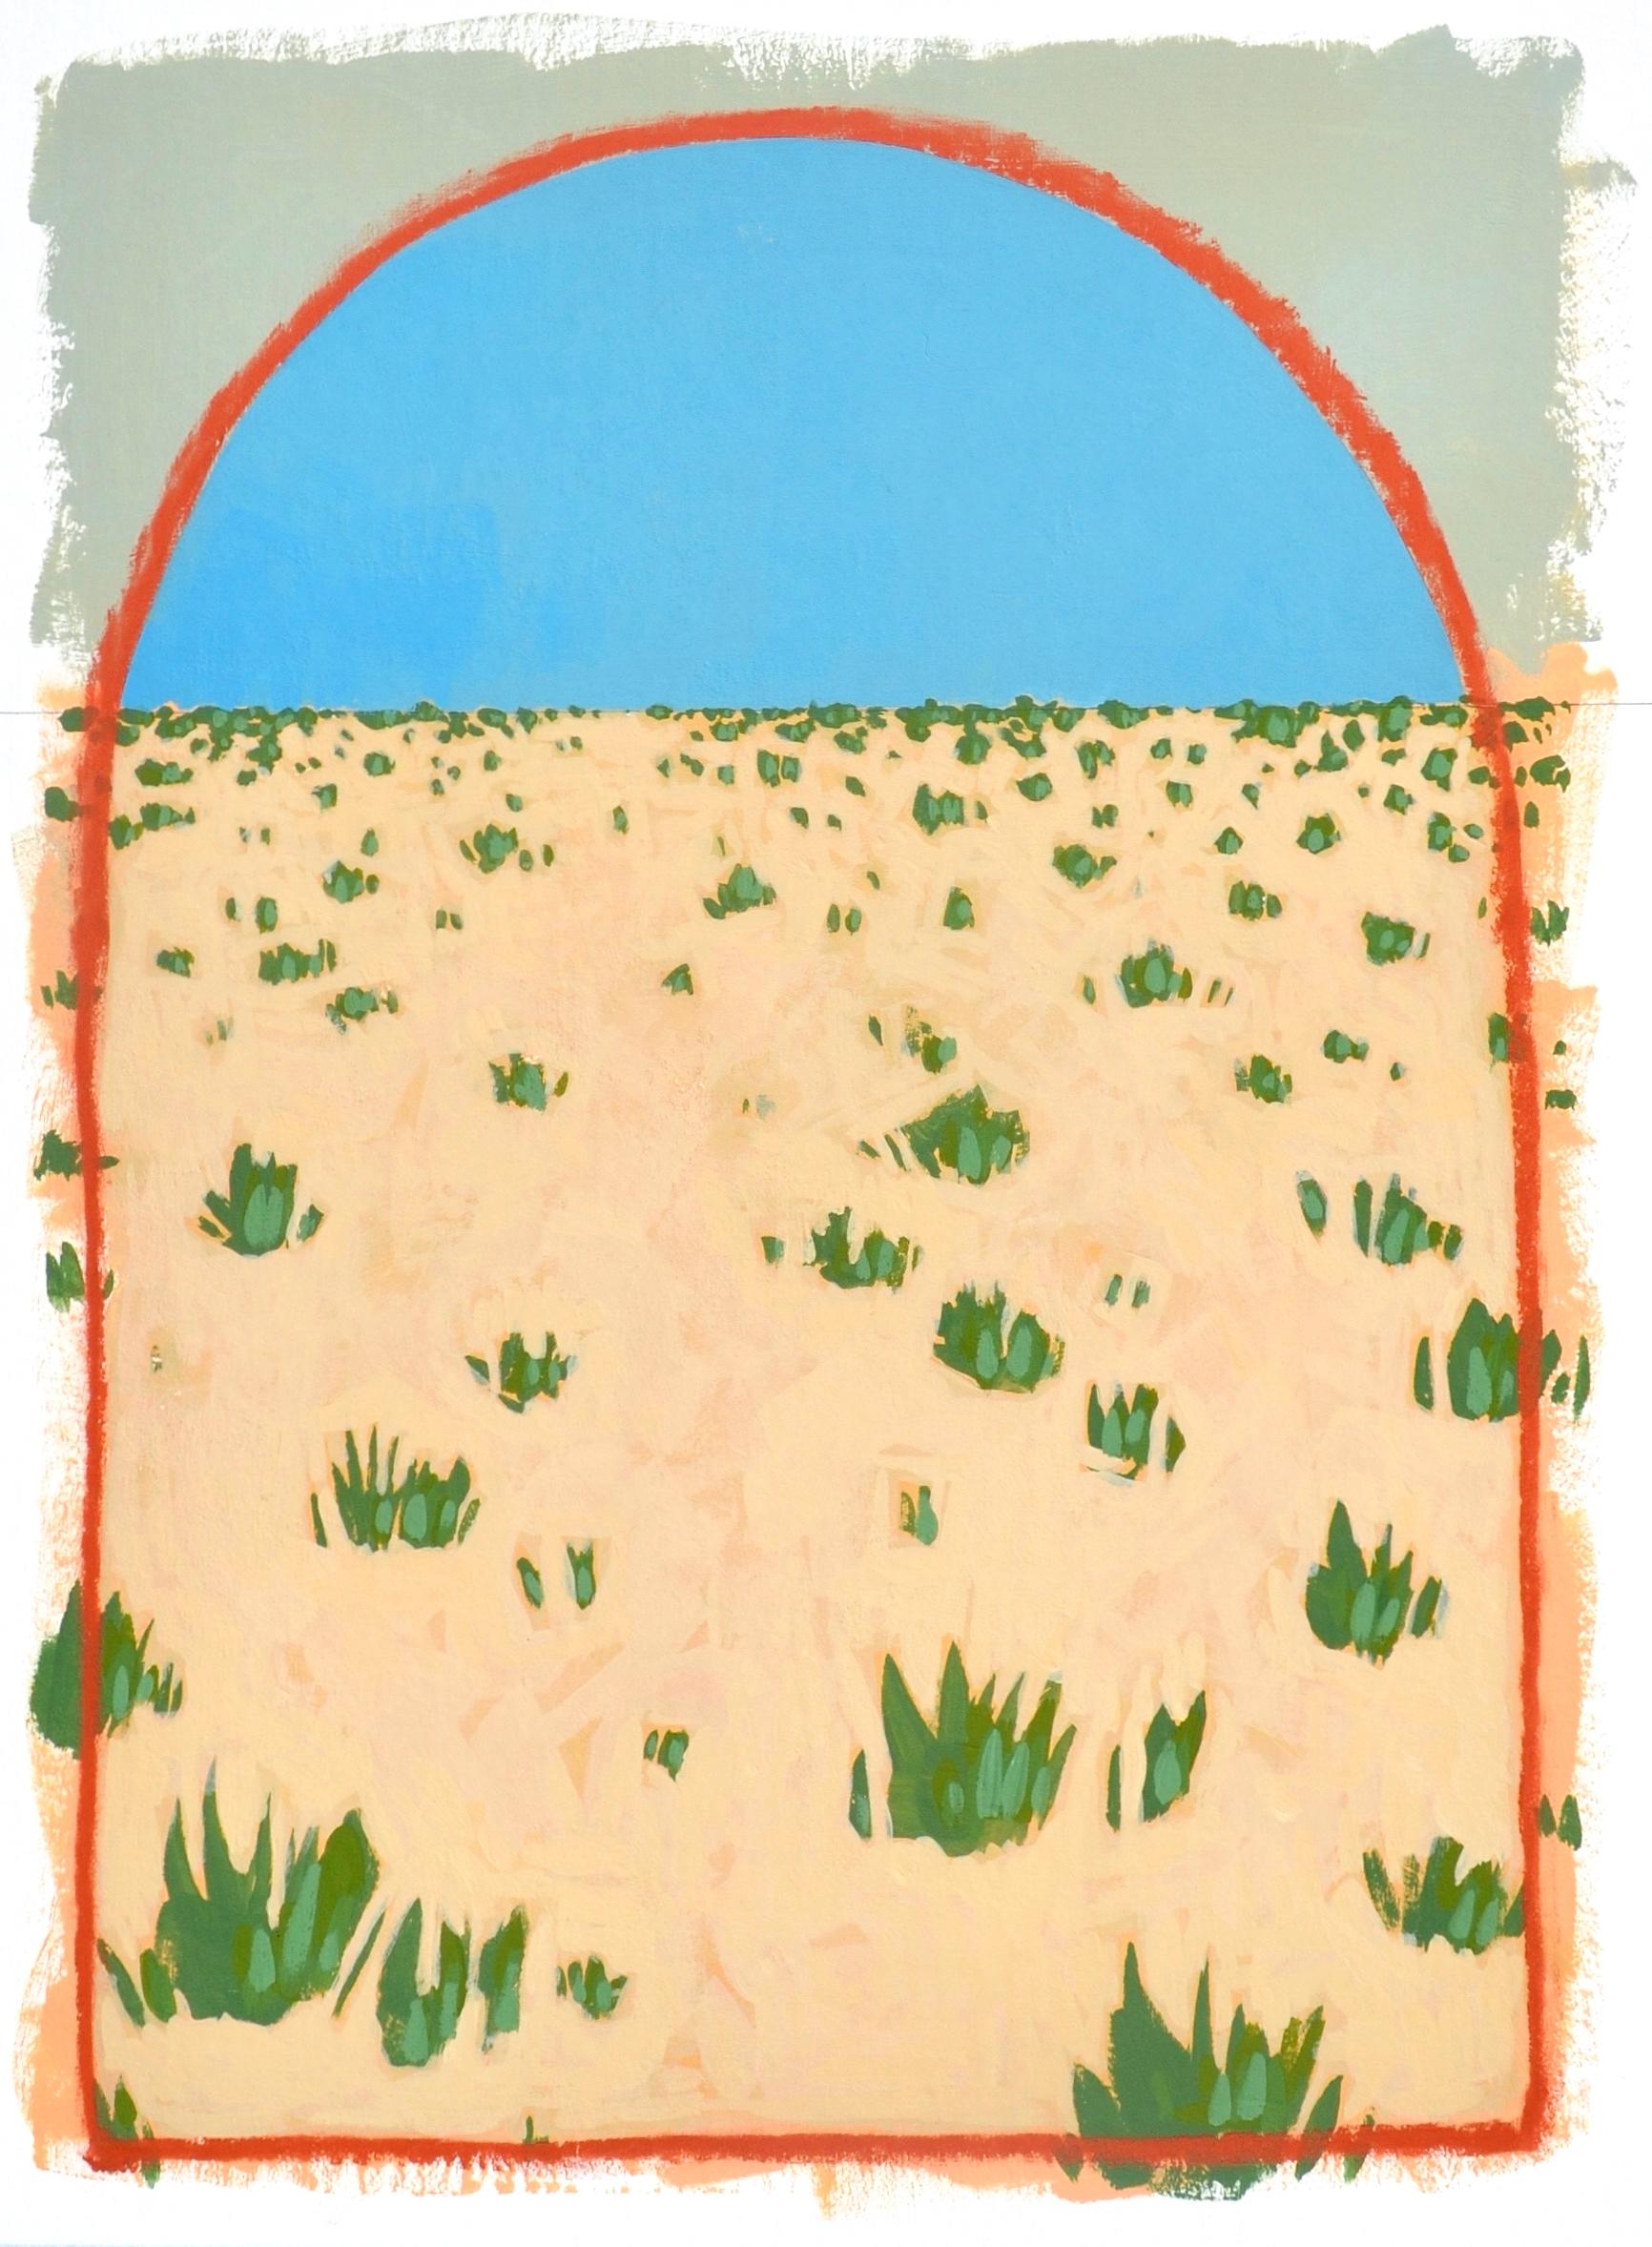 Desert Diptych: High Heat (1 of 2)